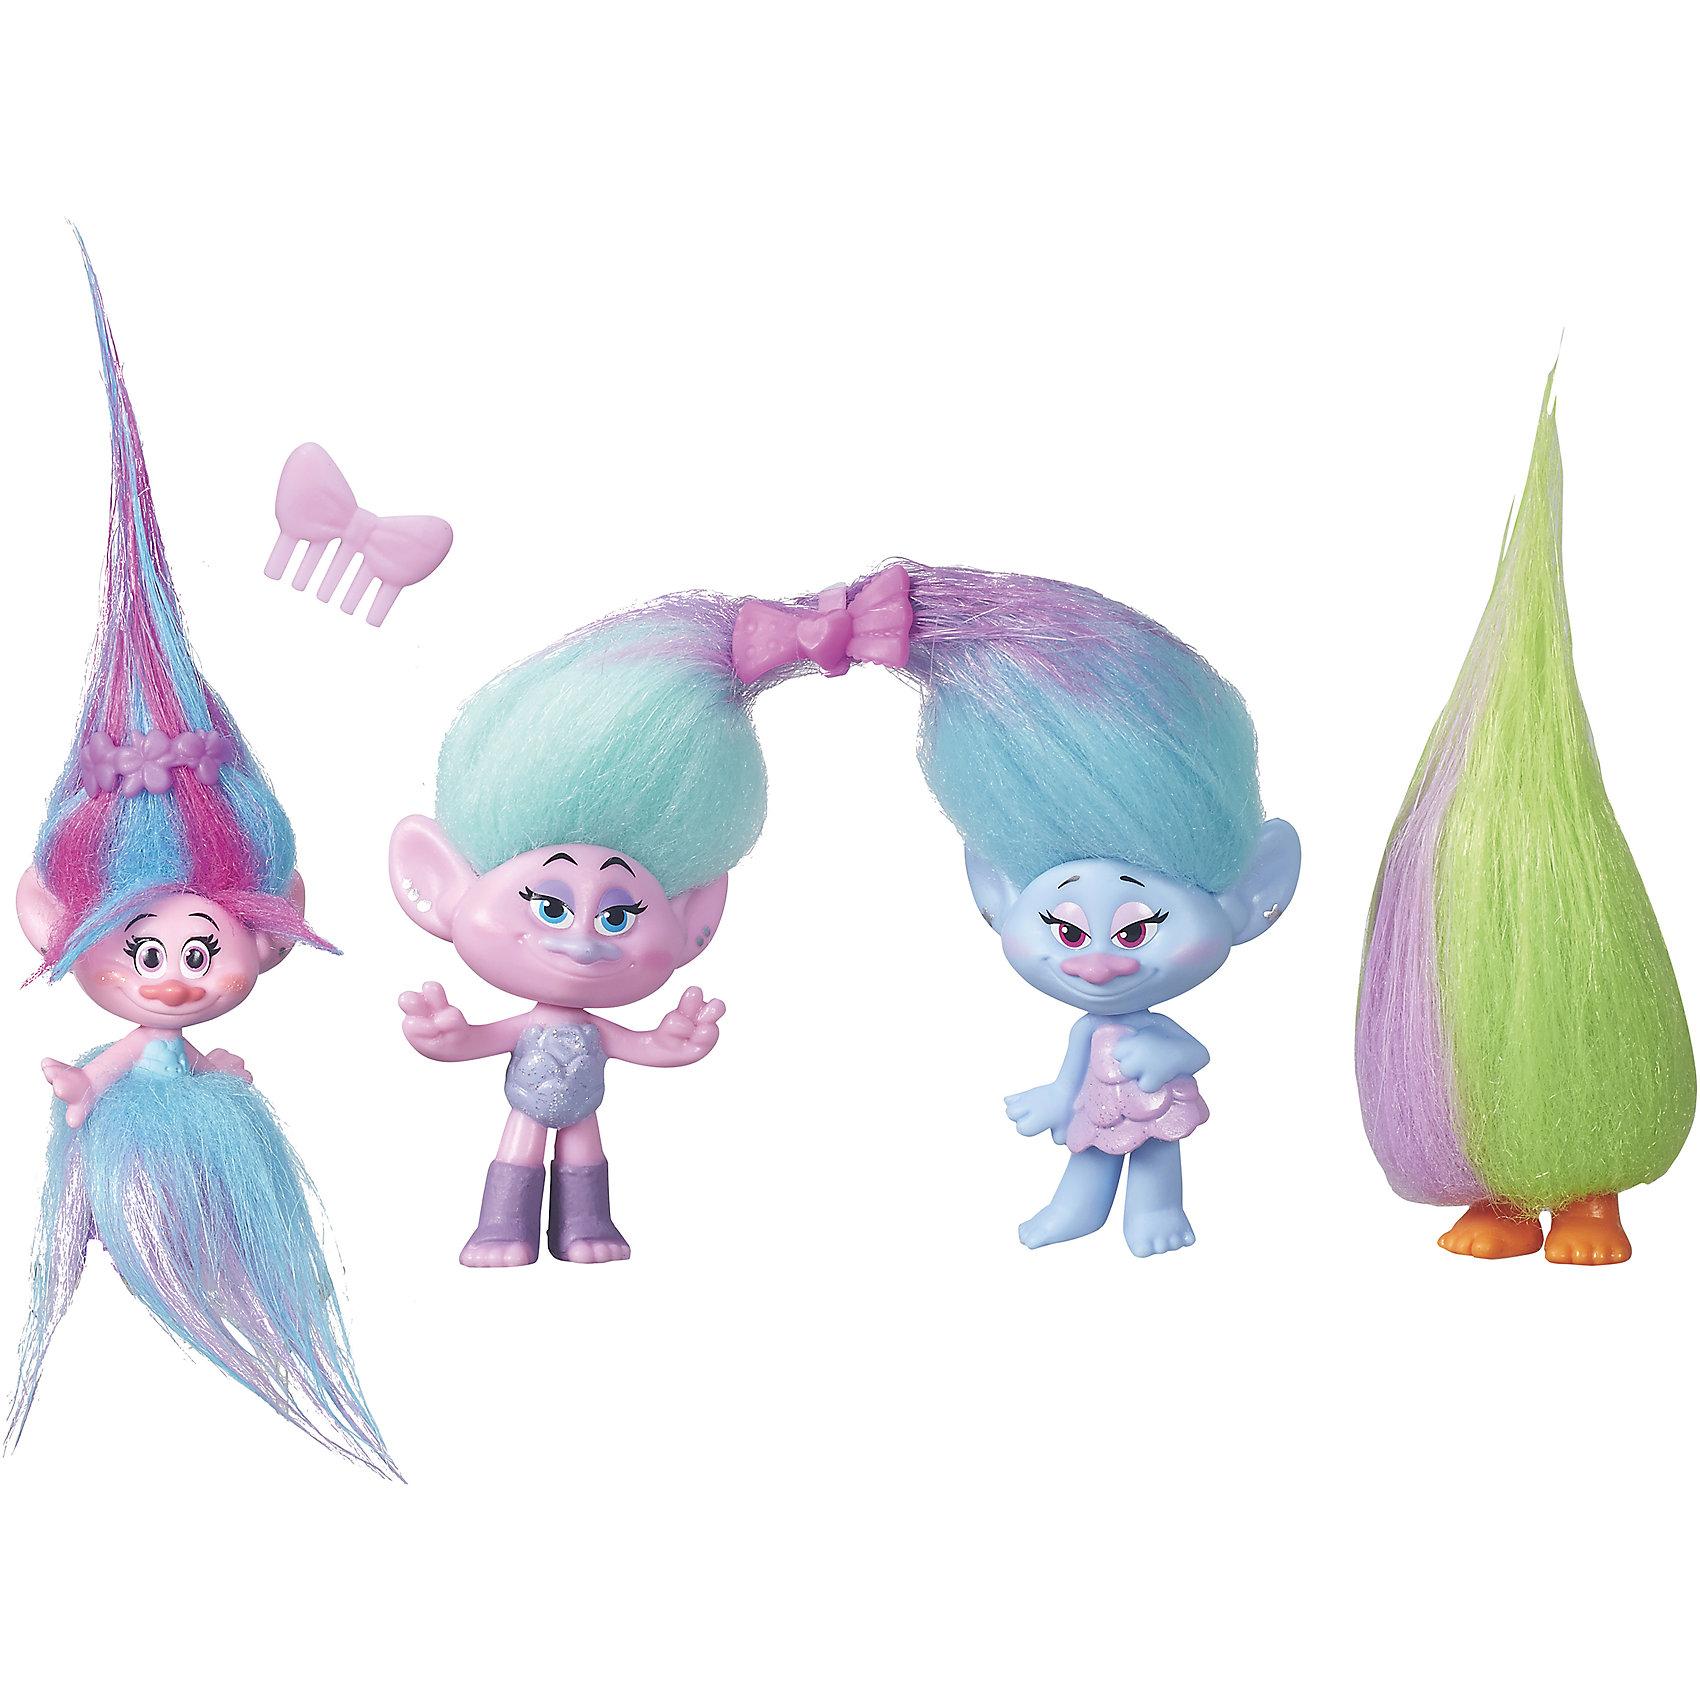 Игровой набор Модное безумие -4 героя, ТроллиИгровой набор Модное безумие от торговой марки Hasbro включает в себя 4 фигурки, изображающие персонажей известного мультфильма Тролли, вышедшего на широкий экран совсем недавно и уже успевшего завоевать популярность по всему миру.<br><br>Серия Poppy Fashion Frenzy от Хасбро предлагает ребенку не только использовать фигурки Trolls в игре, но и менять их образ при помощи аксессуаров, входящих в комплект. Расчесывать же яркие длинные волосы троллей ребенок сможет, используя гребешок, также имеющийся в комплекте<br><br>Комплект: 4 фигурки троллей, гребешок.<br>Из чего сделана игрушка (состав): пластик, текстиль.<br>Размер упаковки: 28 х 20 х 4.5 см.<br>Упаковка: блистер на картоне.<br>Высота фигурки: 10 см.<br><br>Ширина мм: 44<br>Глубина мм: 279<br>Высота мм: 203<br>Вес г: 122<br>Цвет: фиолетово-розовый<br>Возраст от месяцев: 48<br>Возраст до месяцев: 192<br>Пол: Унисекс<br>Возраст: Детский<br>SKU: 5245126